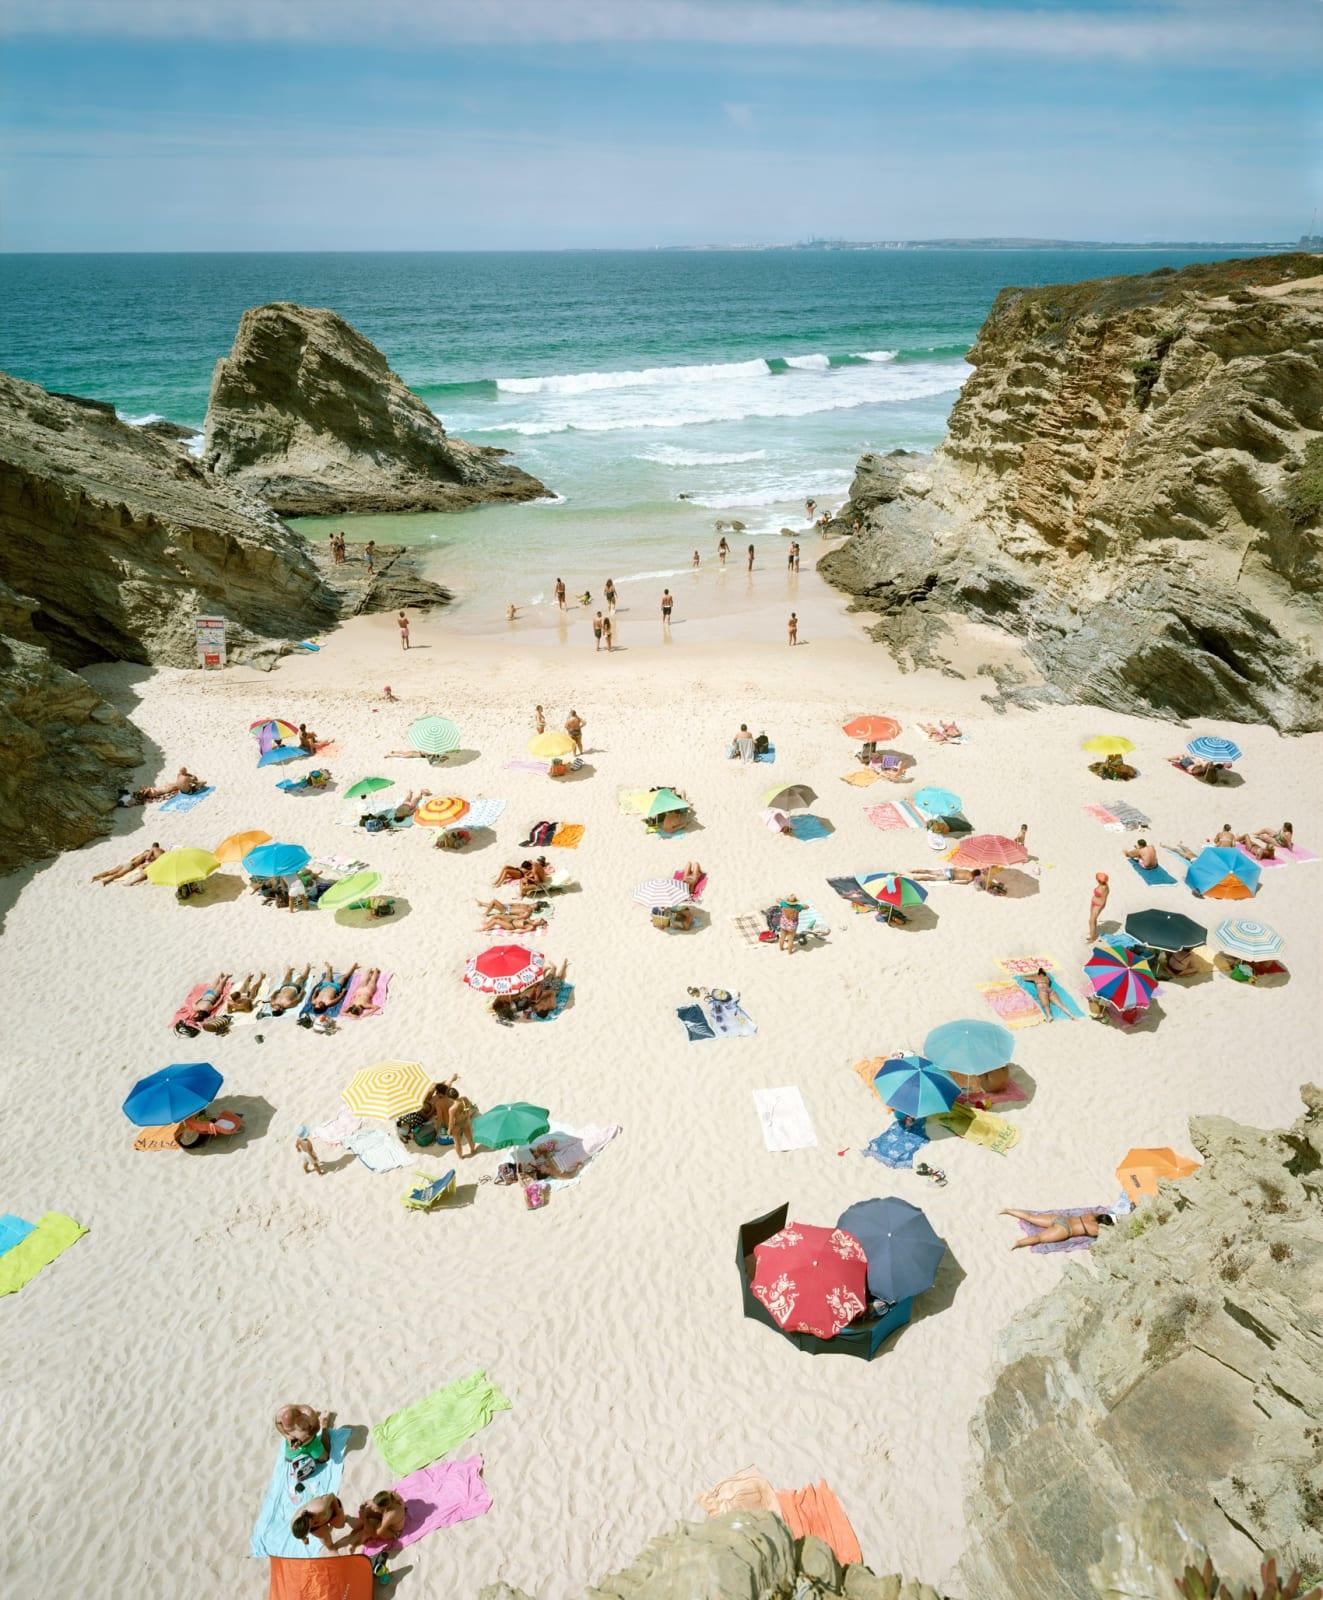 Christian Chaize Praia Piquinia 24/08/15 14h34